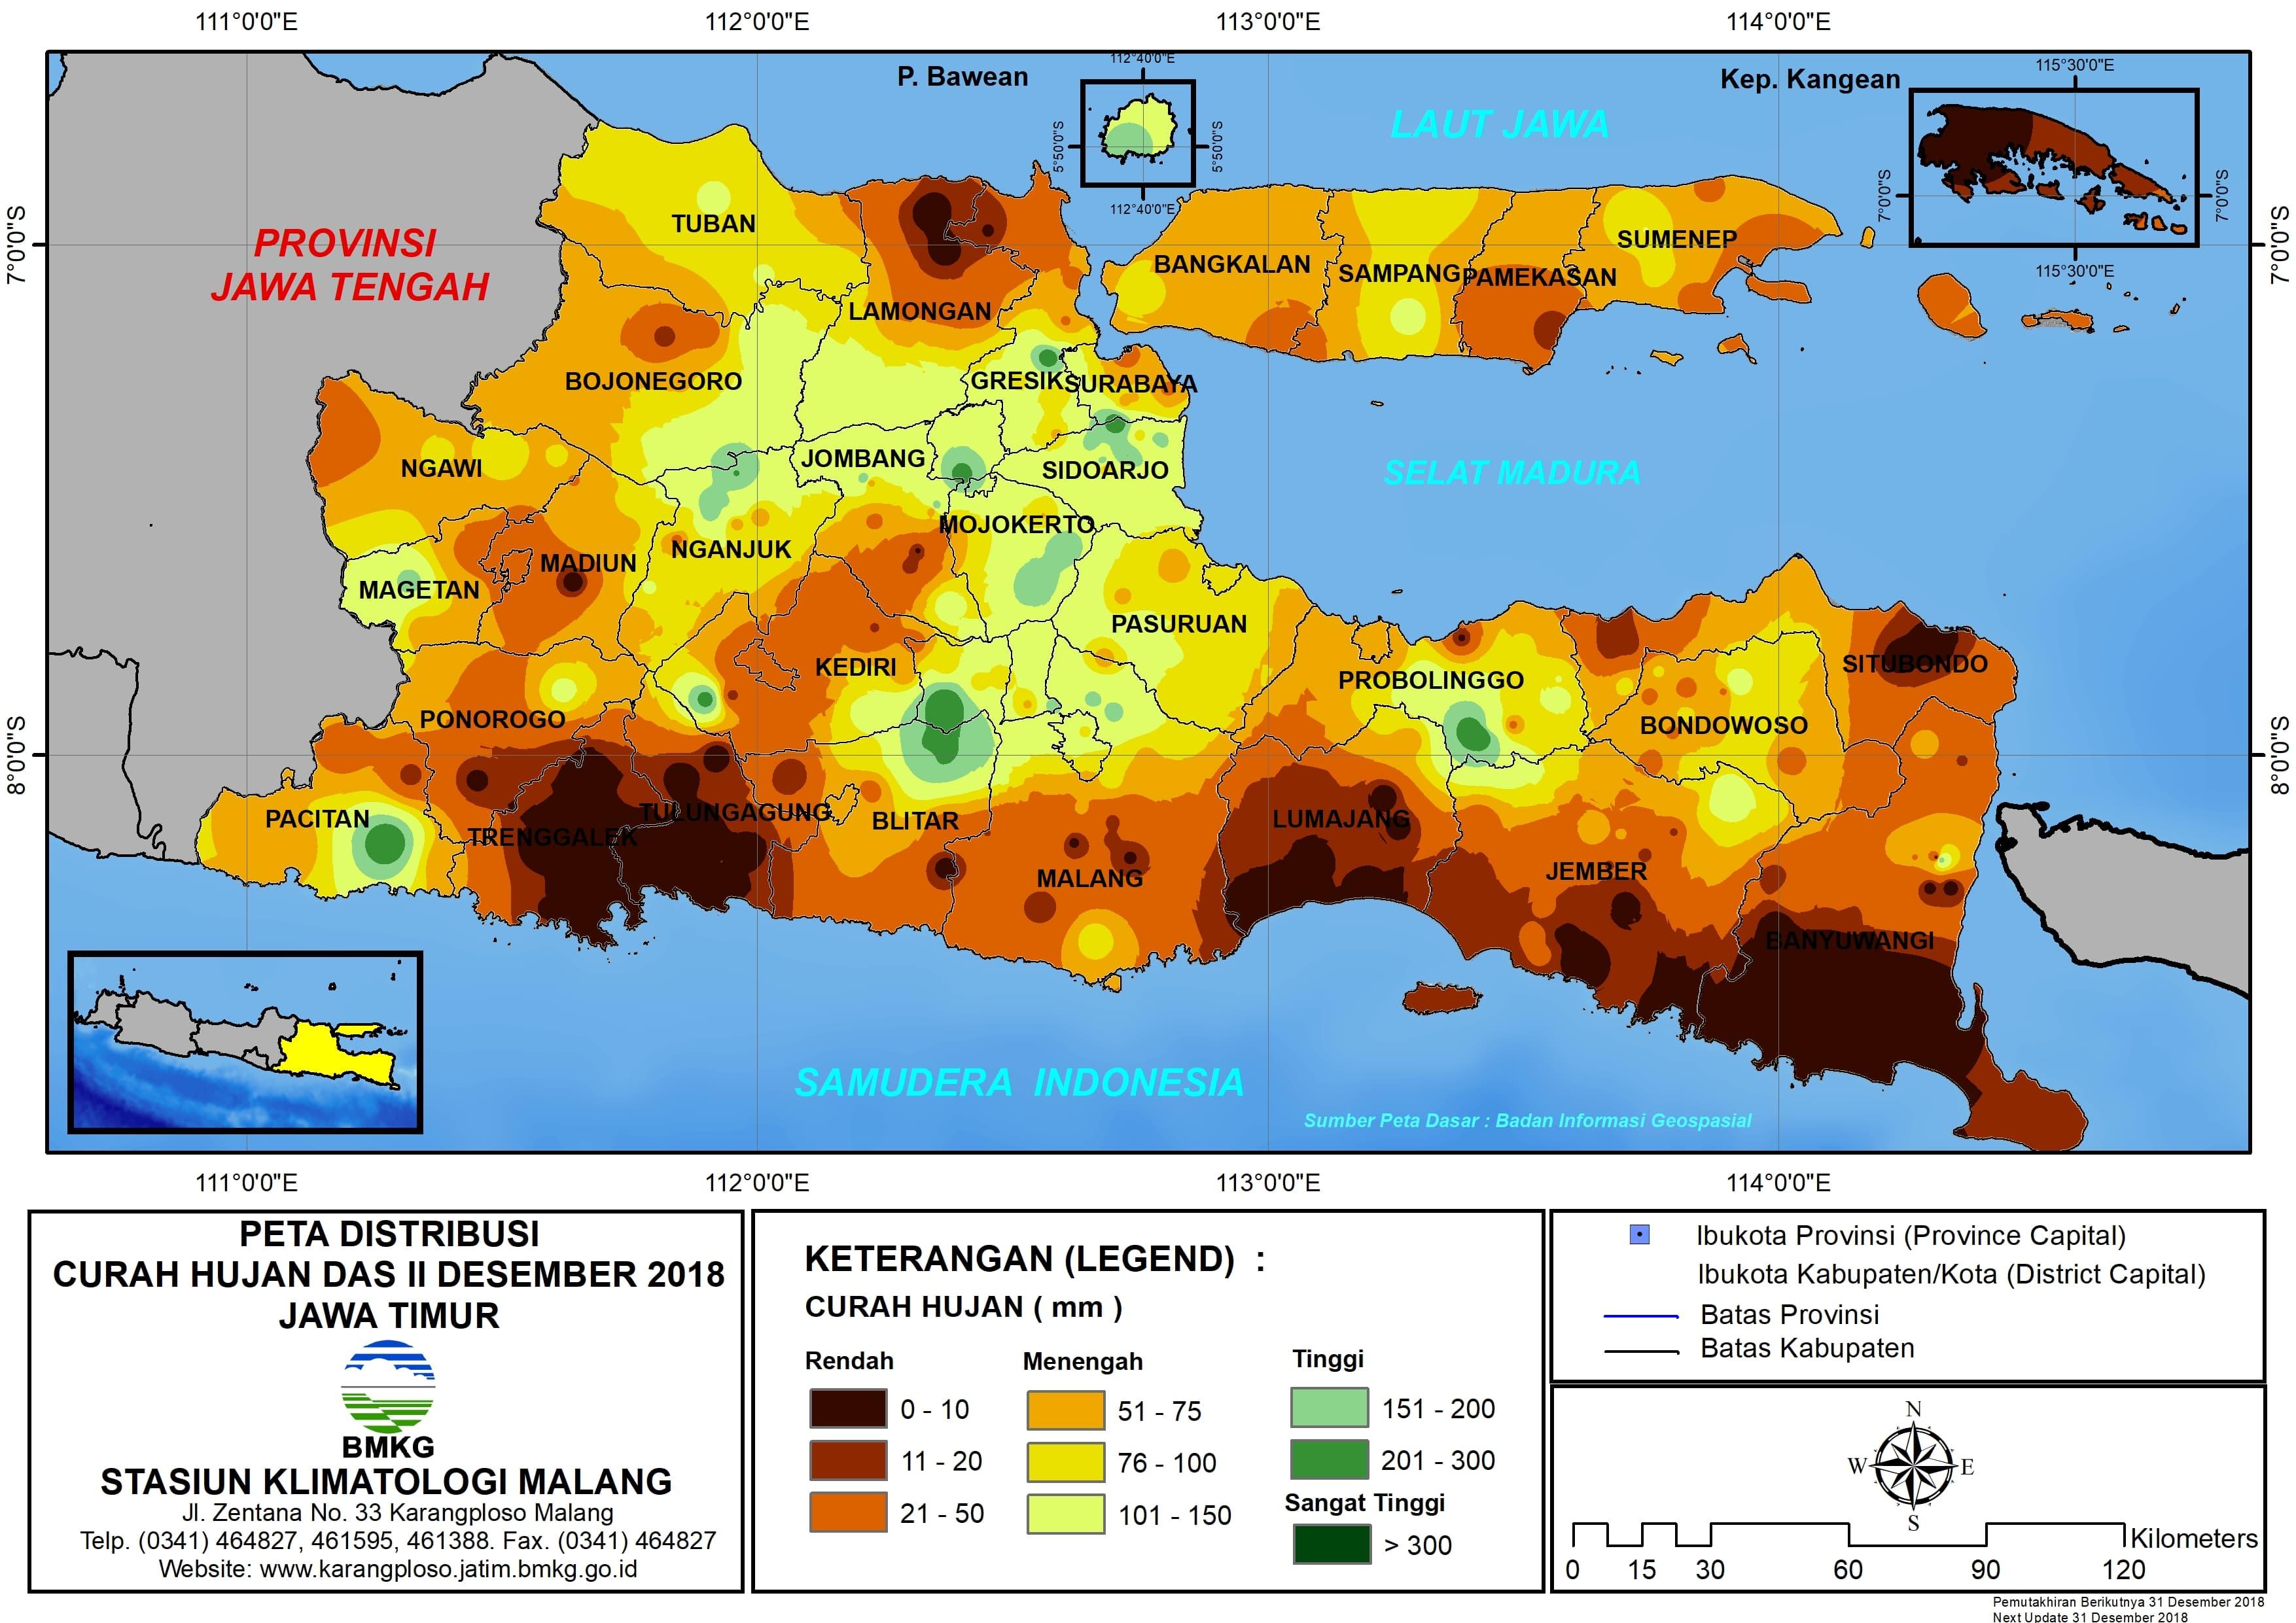 Peta Analisis Distribusi Curah Hujan Dasarian II Desember 2018 di Provinsi Jawa Timur